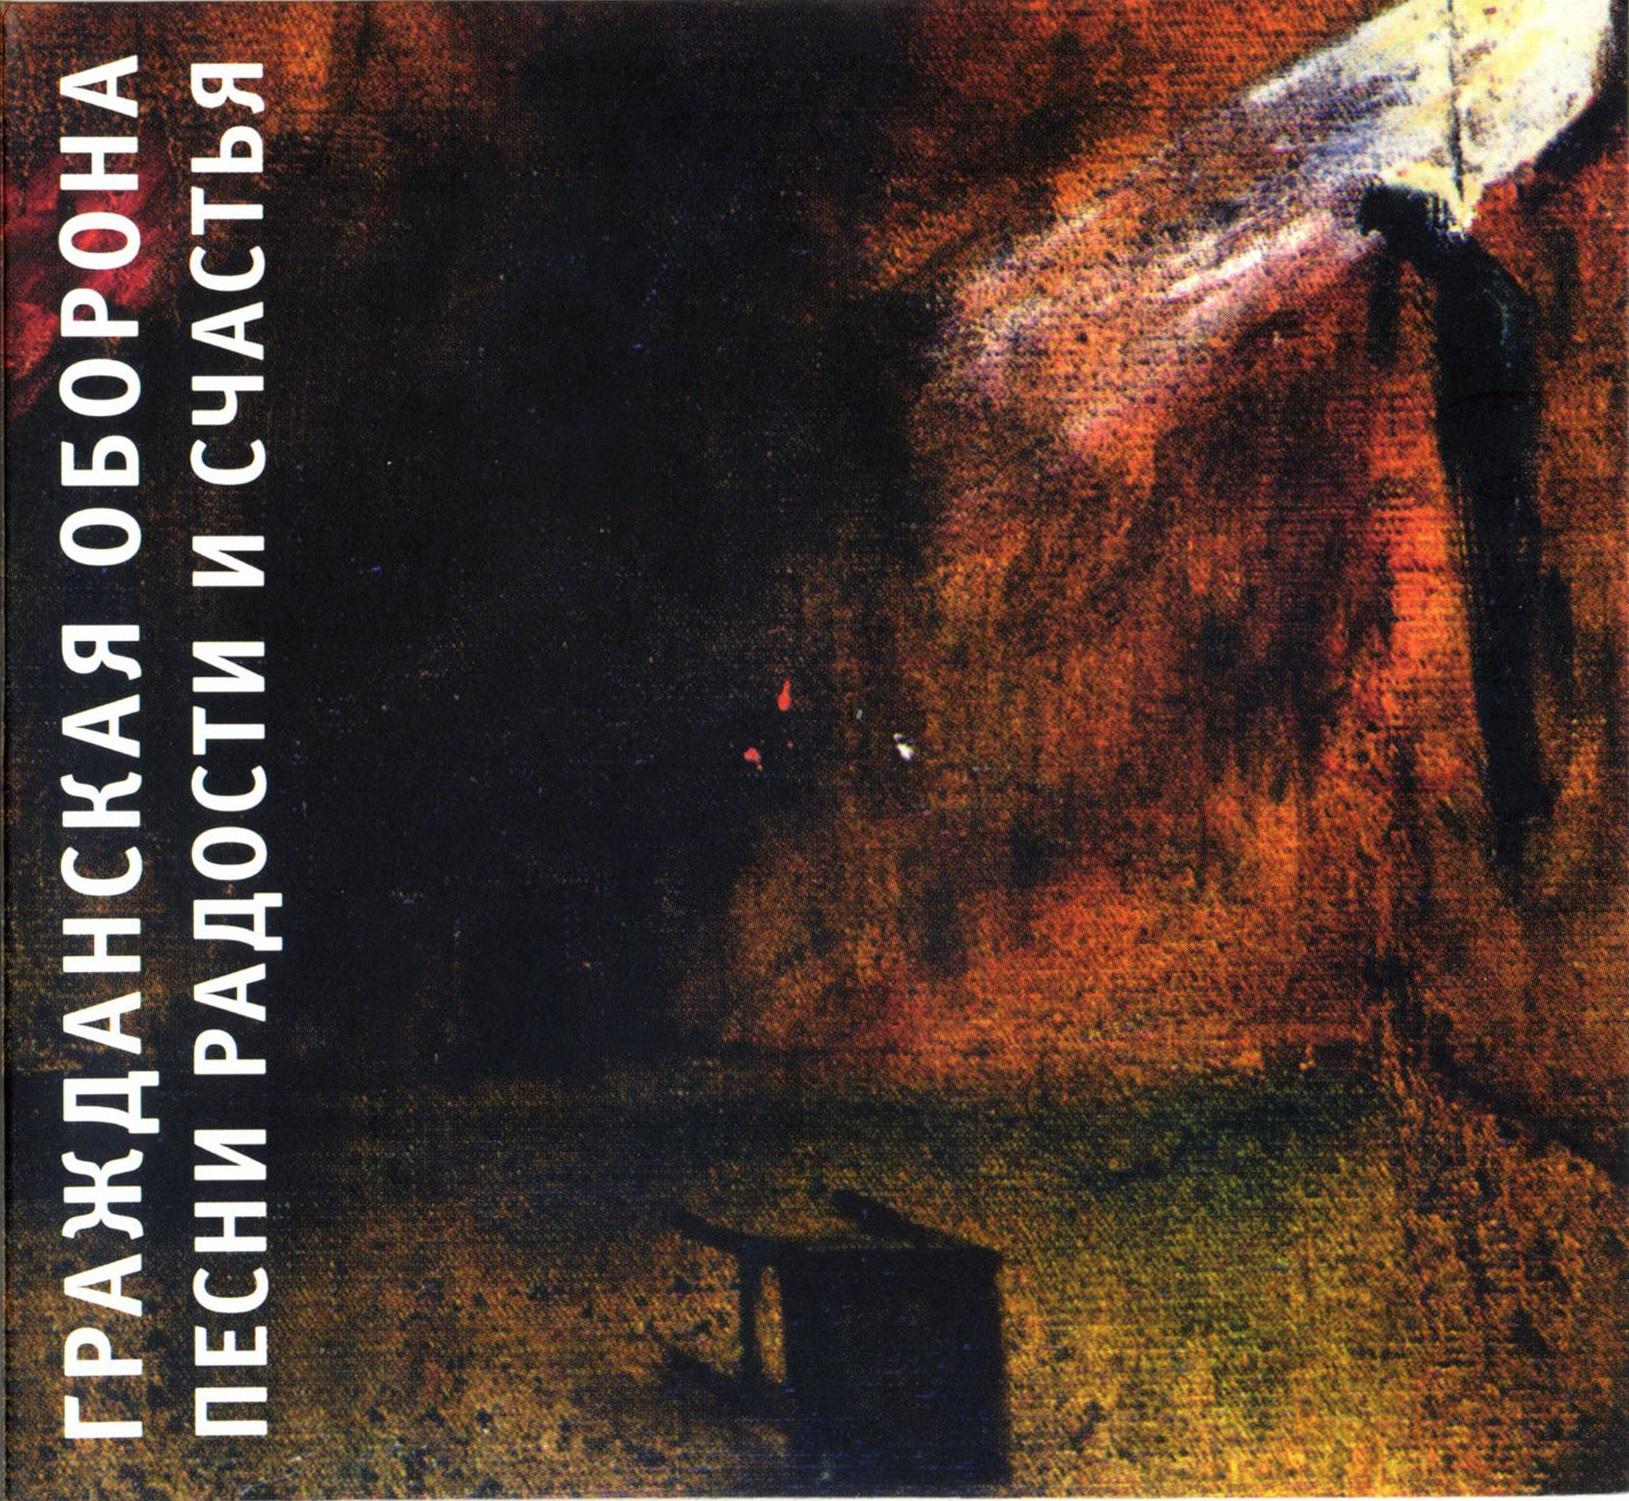 Гражданская Оборона — Песни радости и счастья (1989)